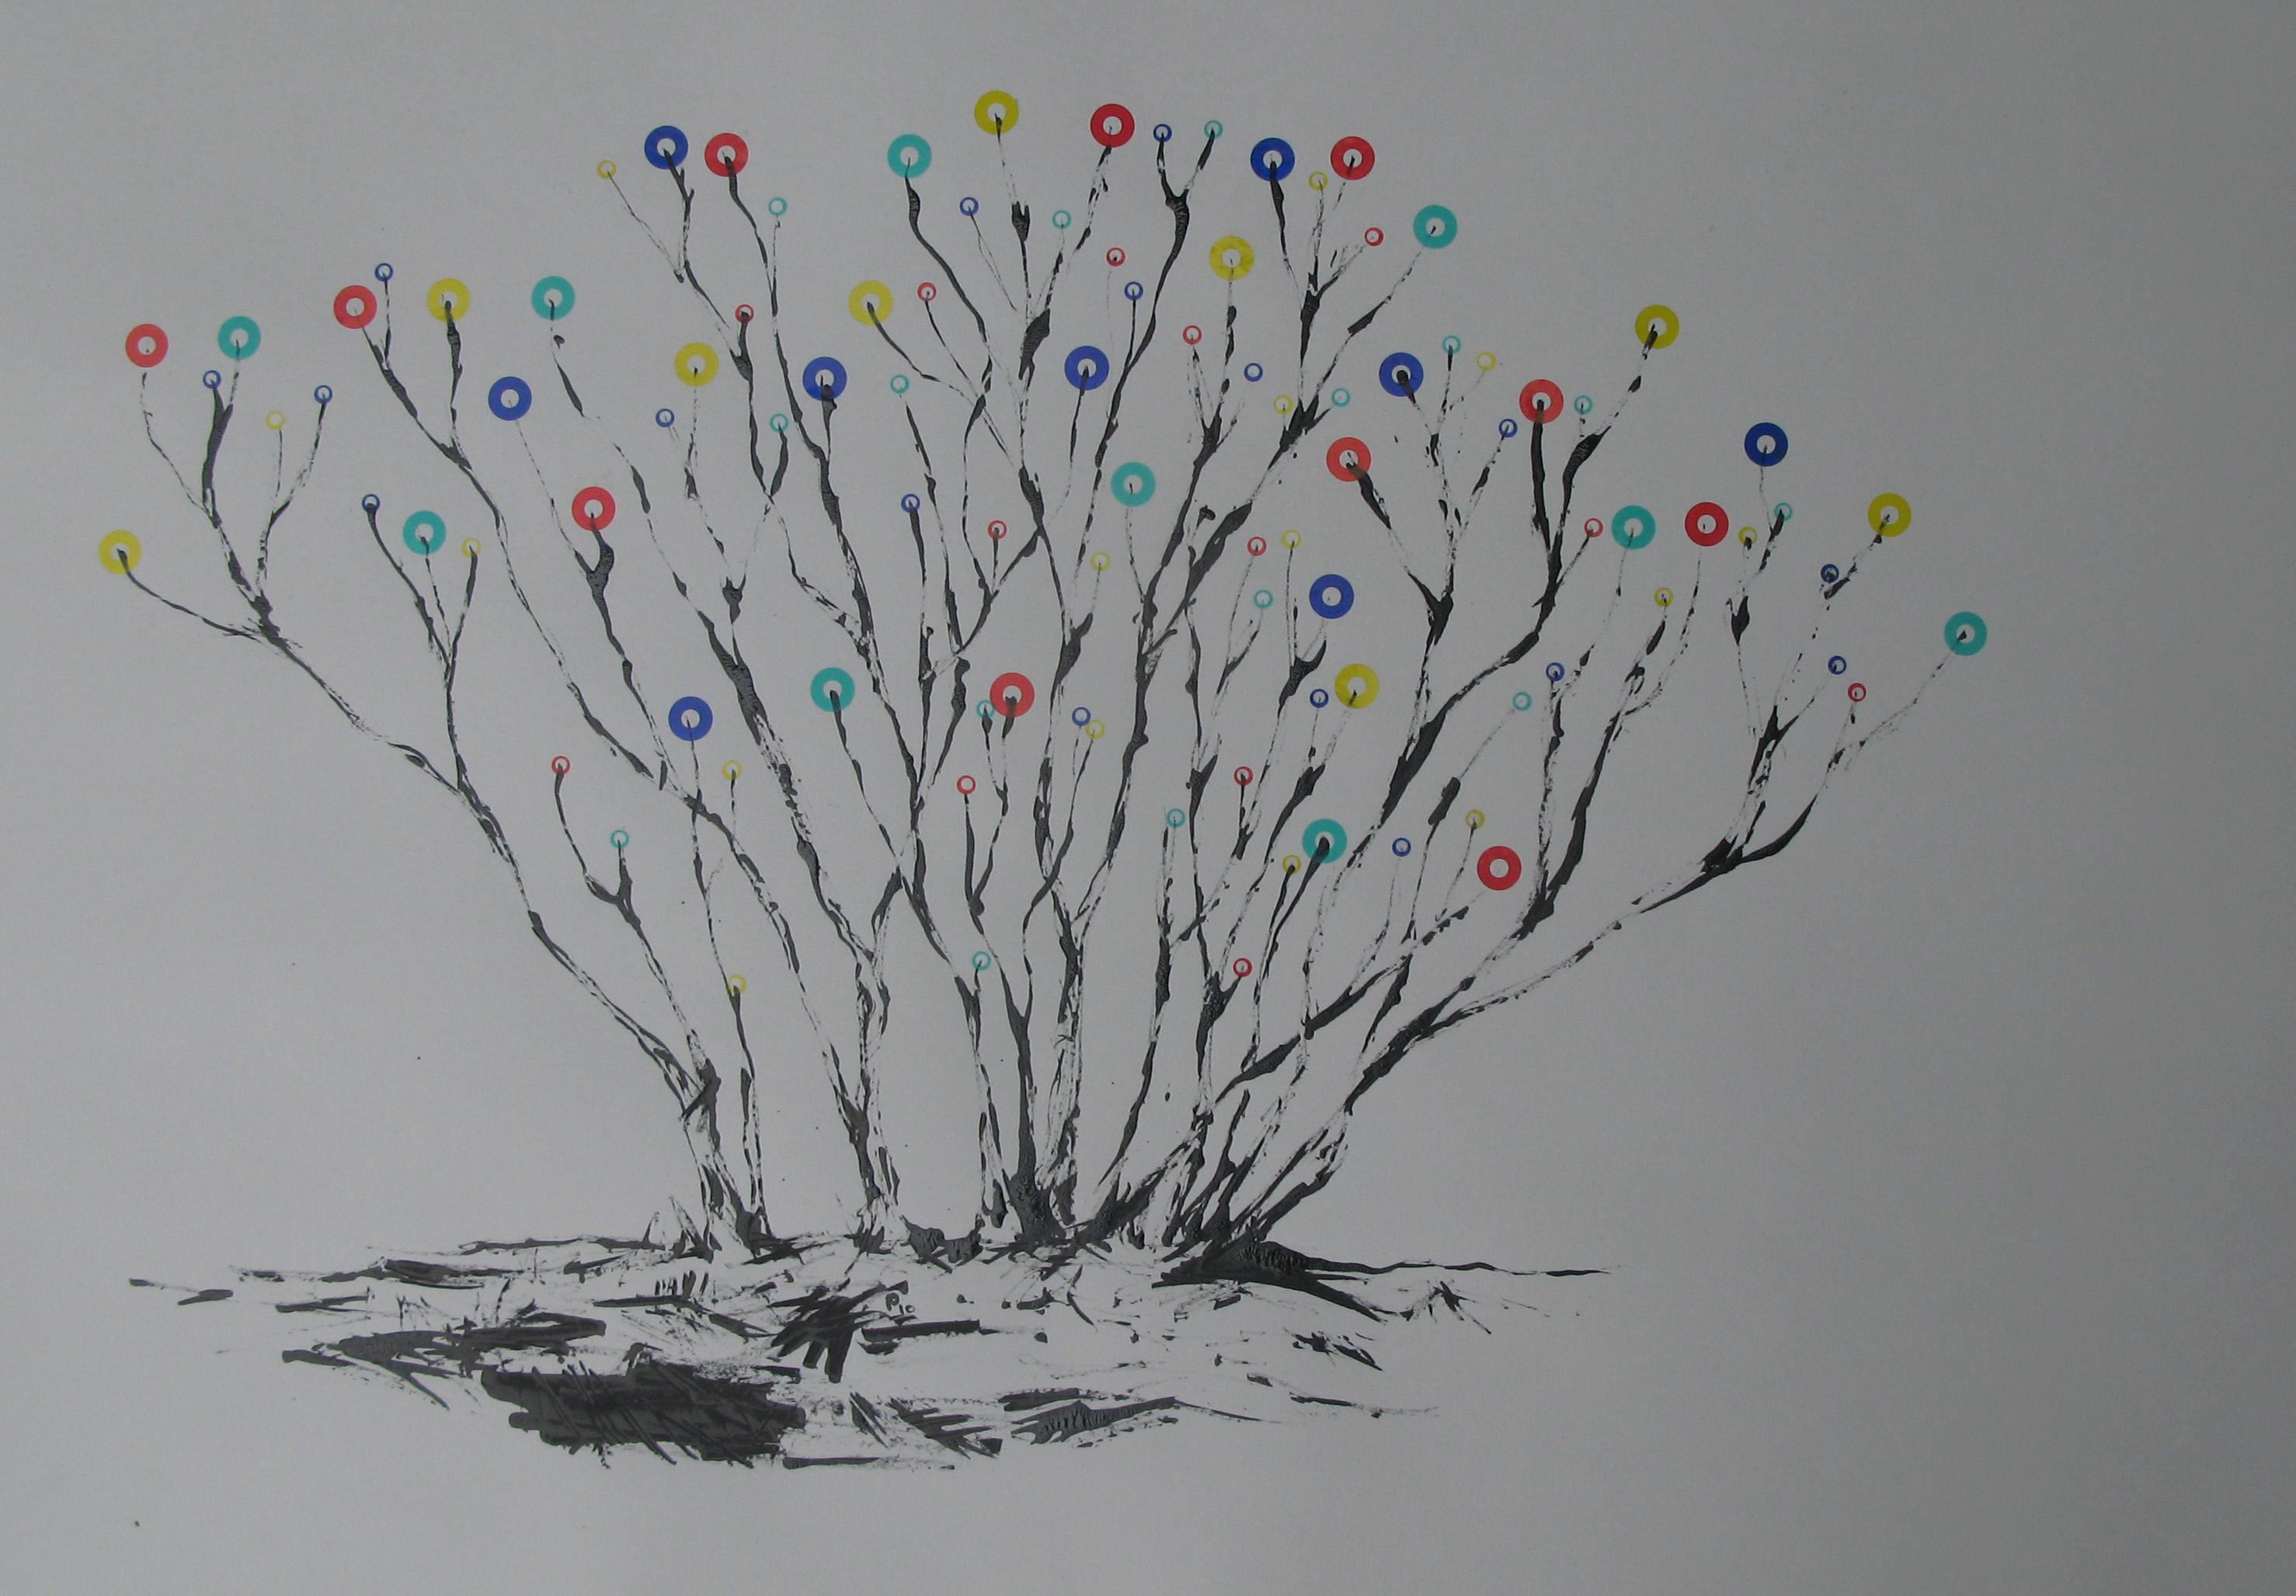 o.T., 50 x 70 cm, Tusche und Aufkleber auf Papier, 2010